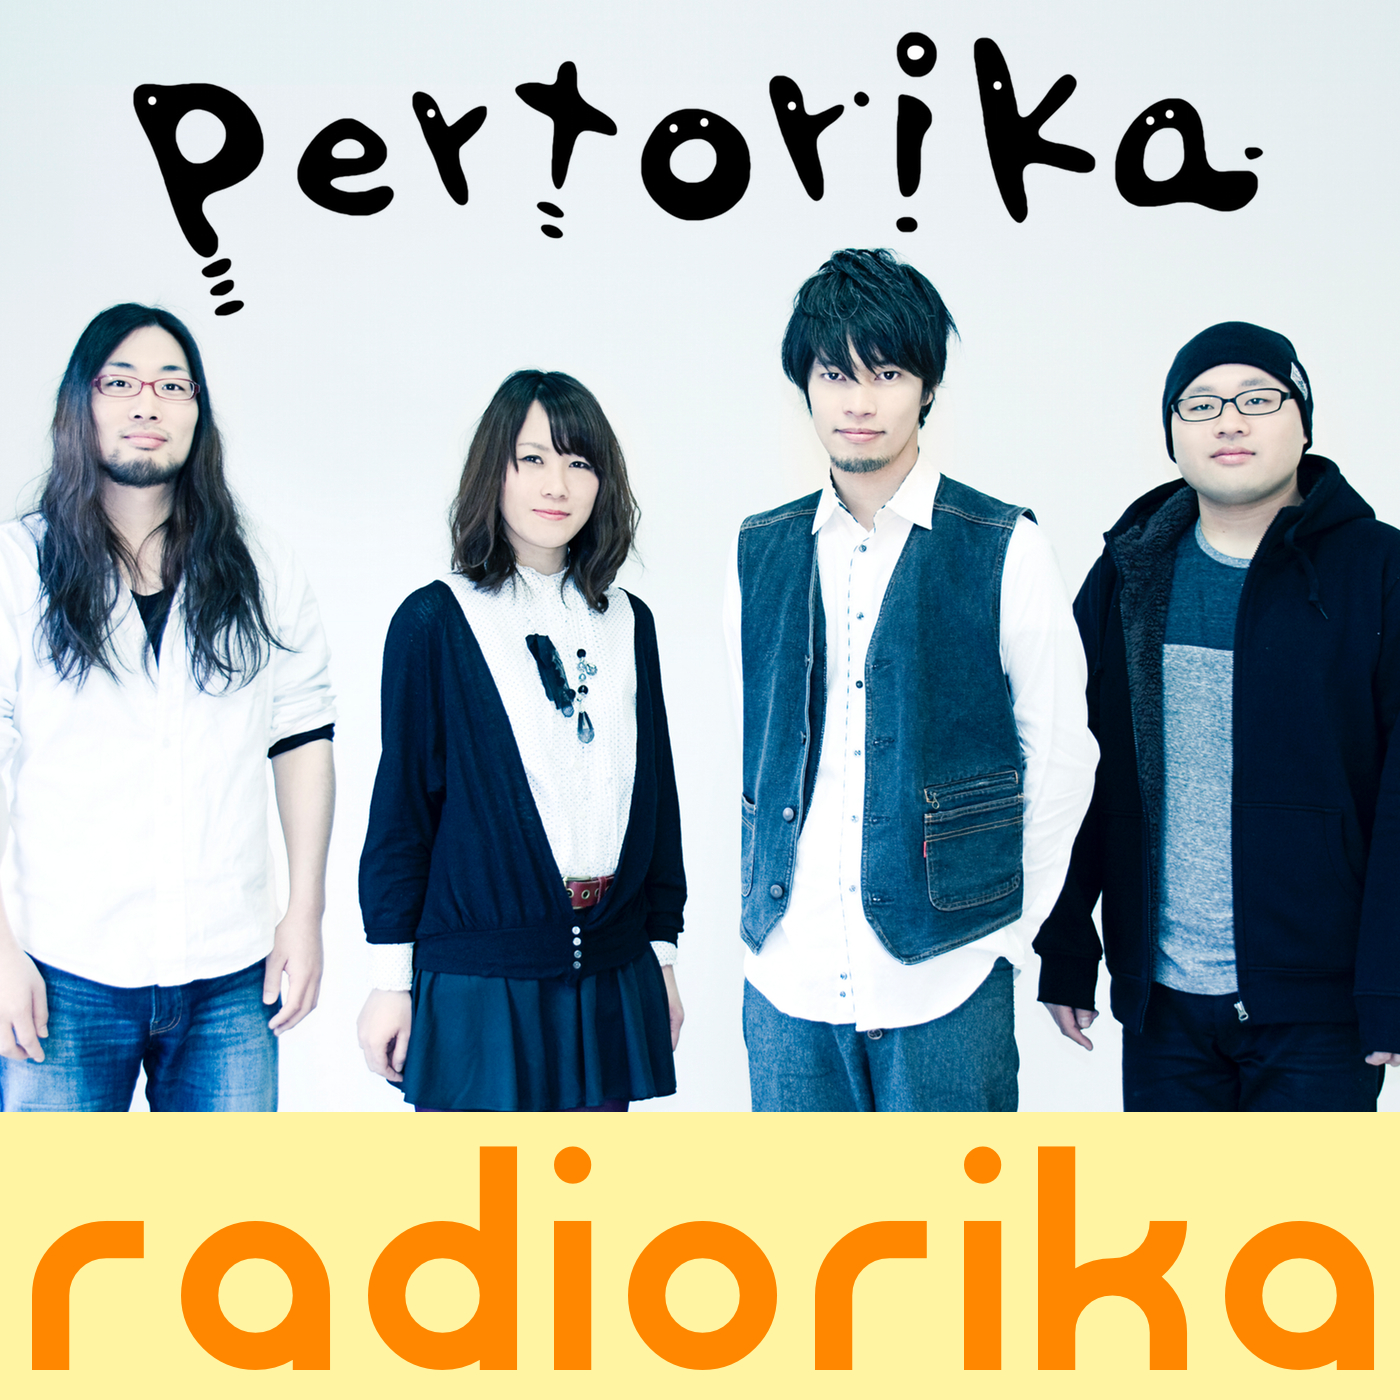 radiorika